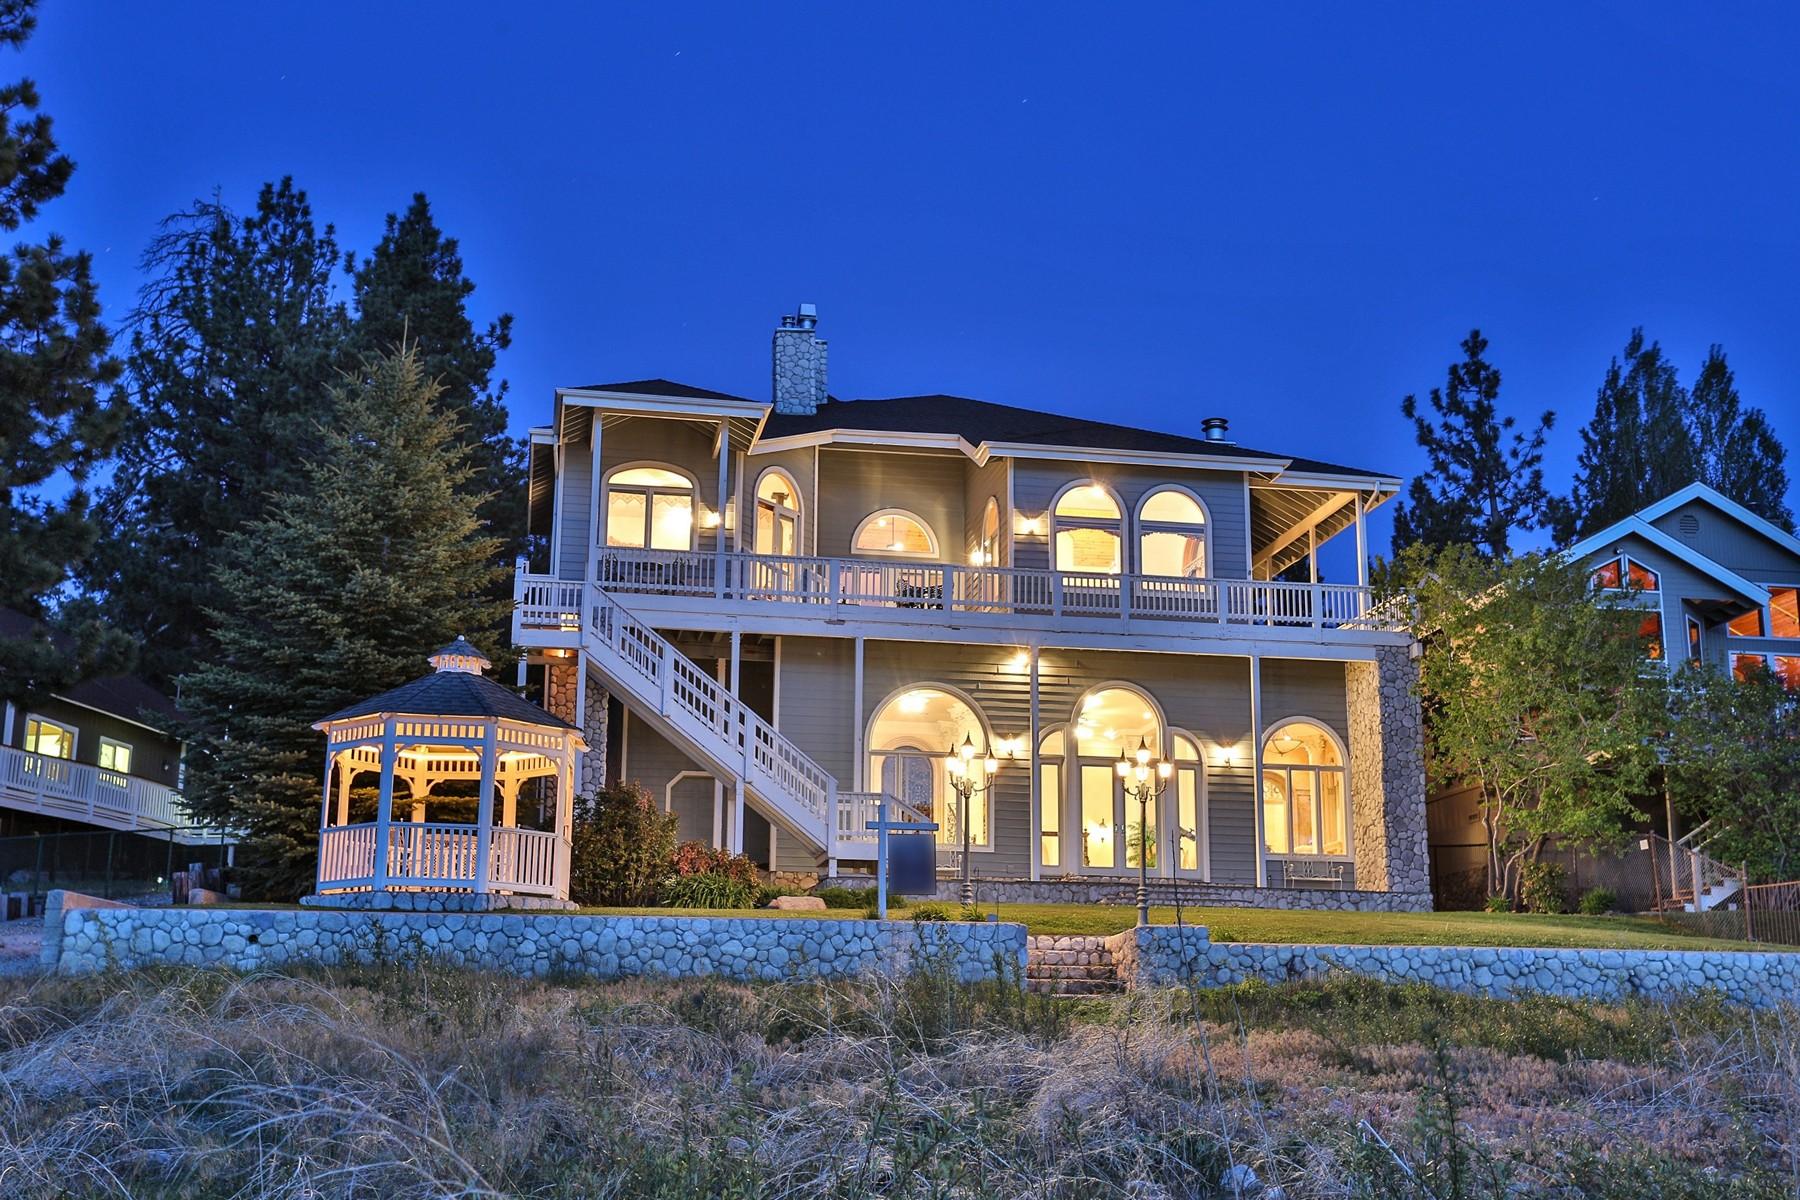 Частный односемейный дом для того Продажа на 132 Round Big Bear Lake, Калифорния 92315 Соединенные Штаты